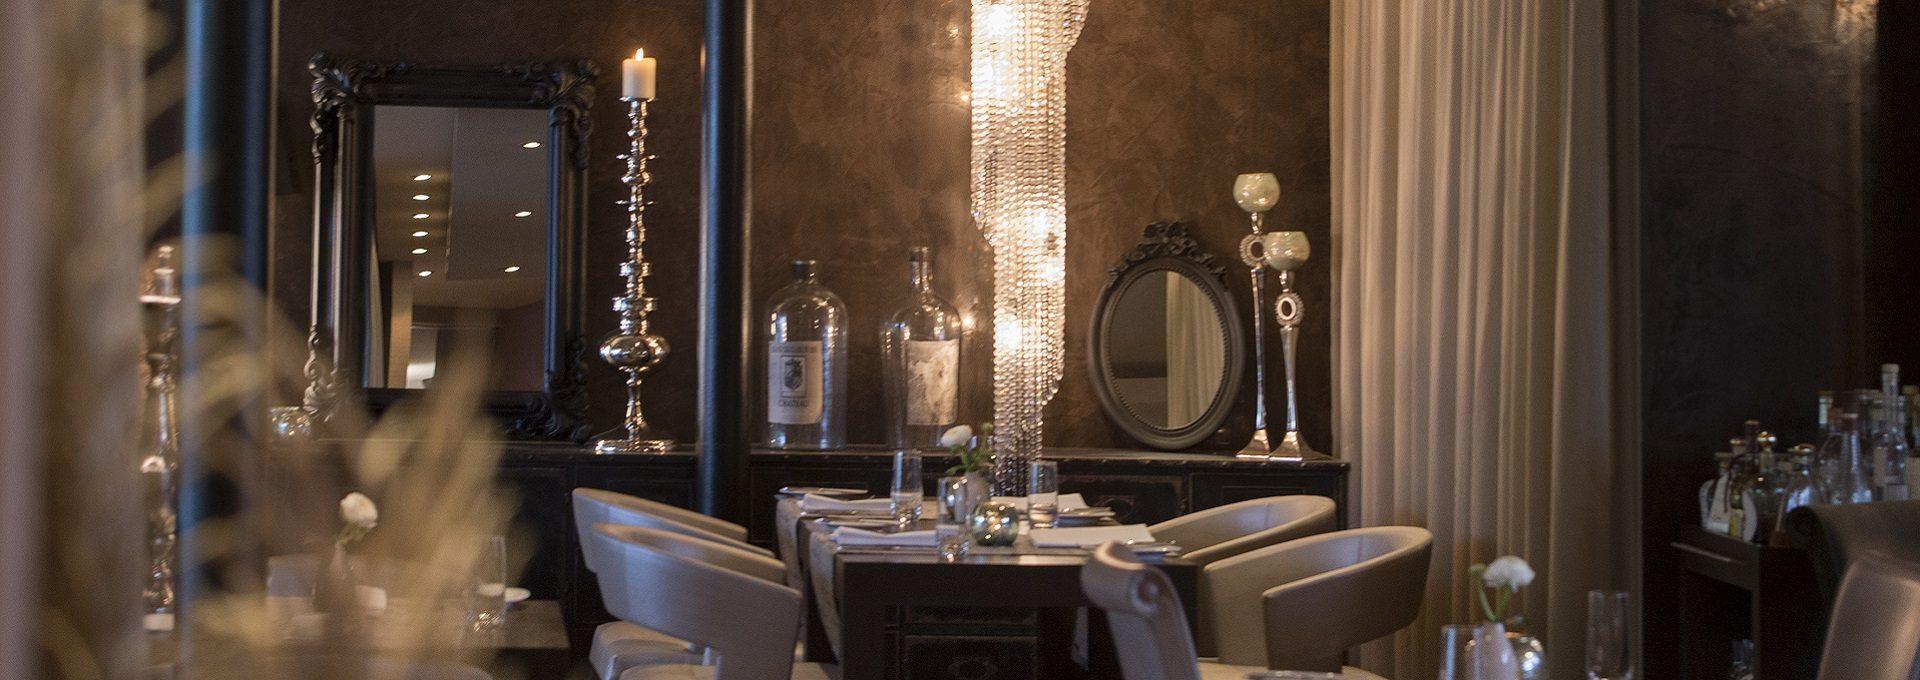 Aufnahme Restaurant Adagio